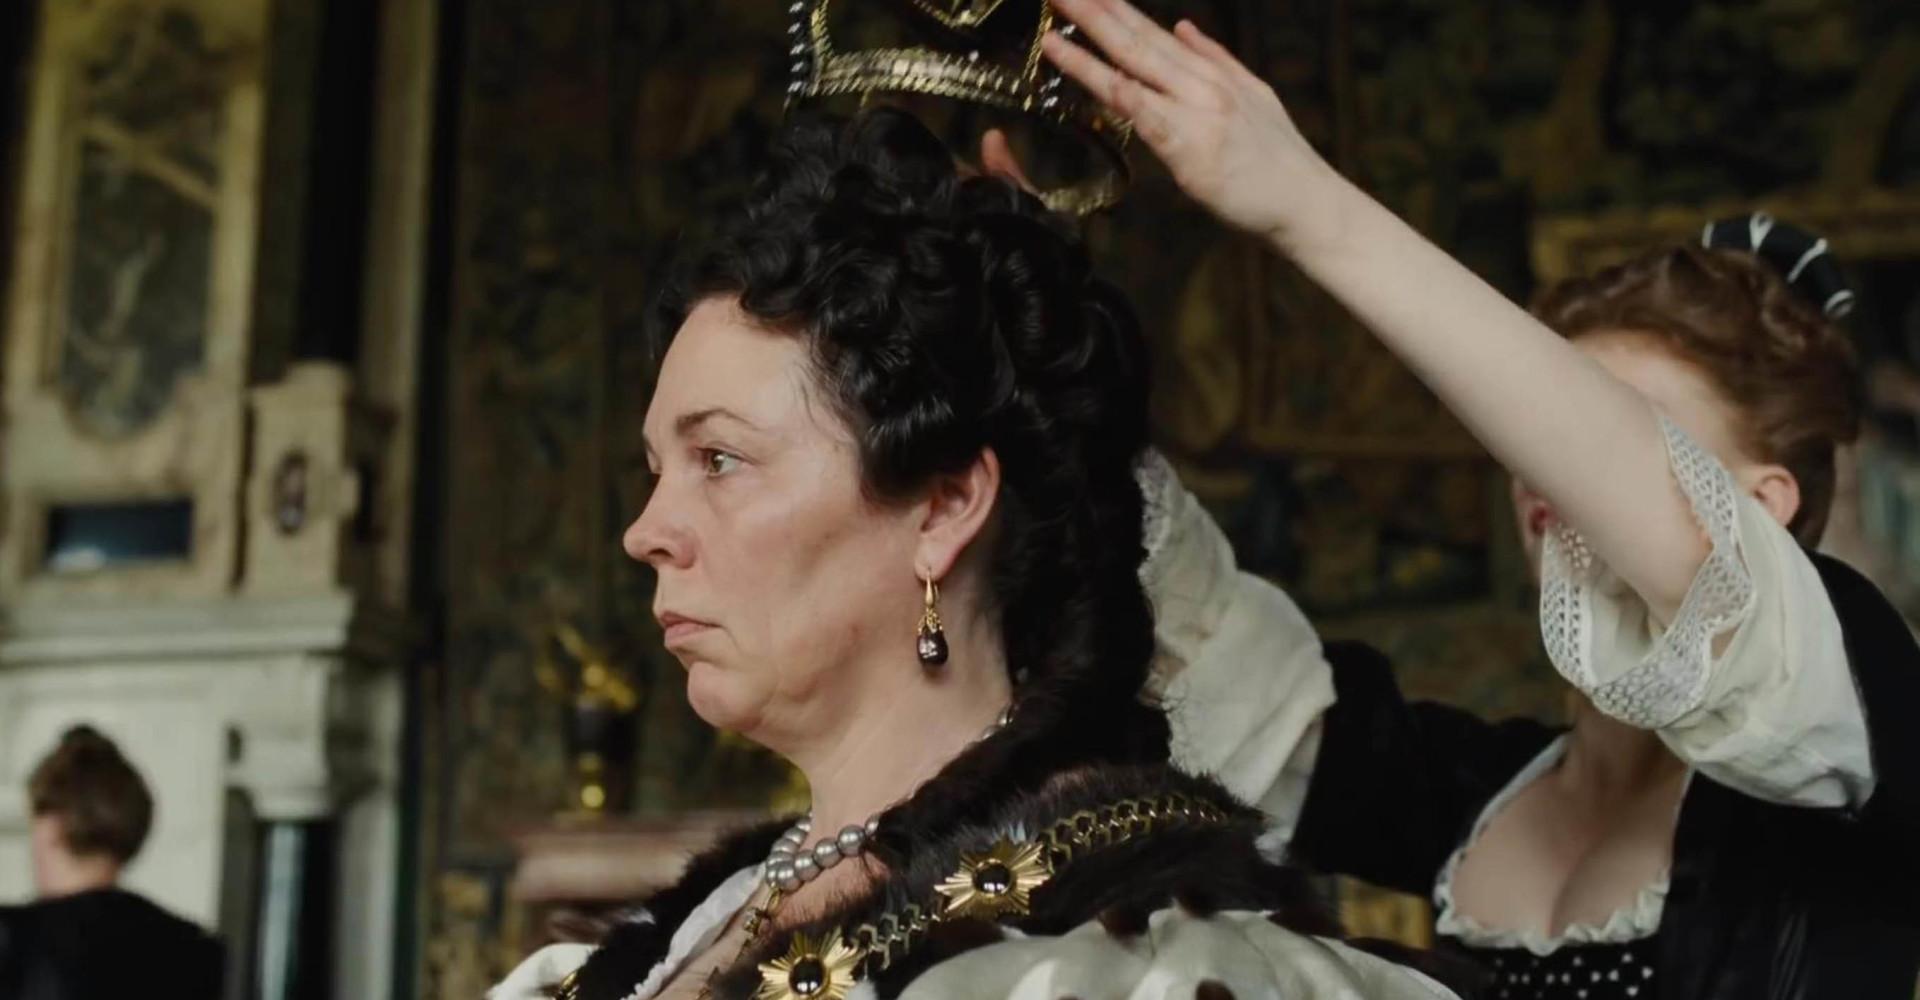 오스카의 선택을 받은 '더 페이버릿: 여왕의 여자'는 얼마나 정확할까?